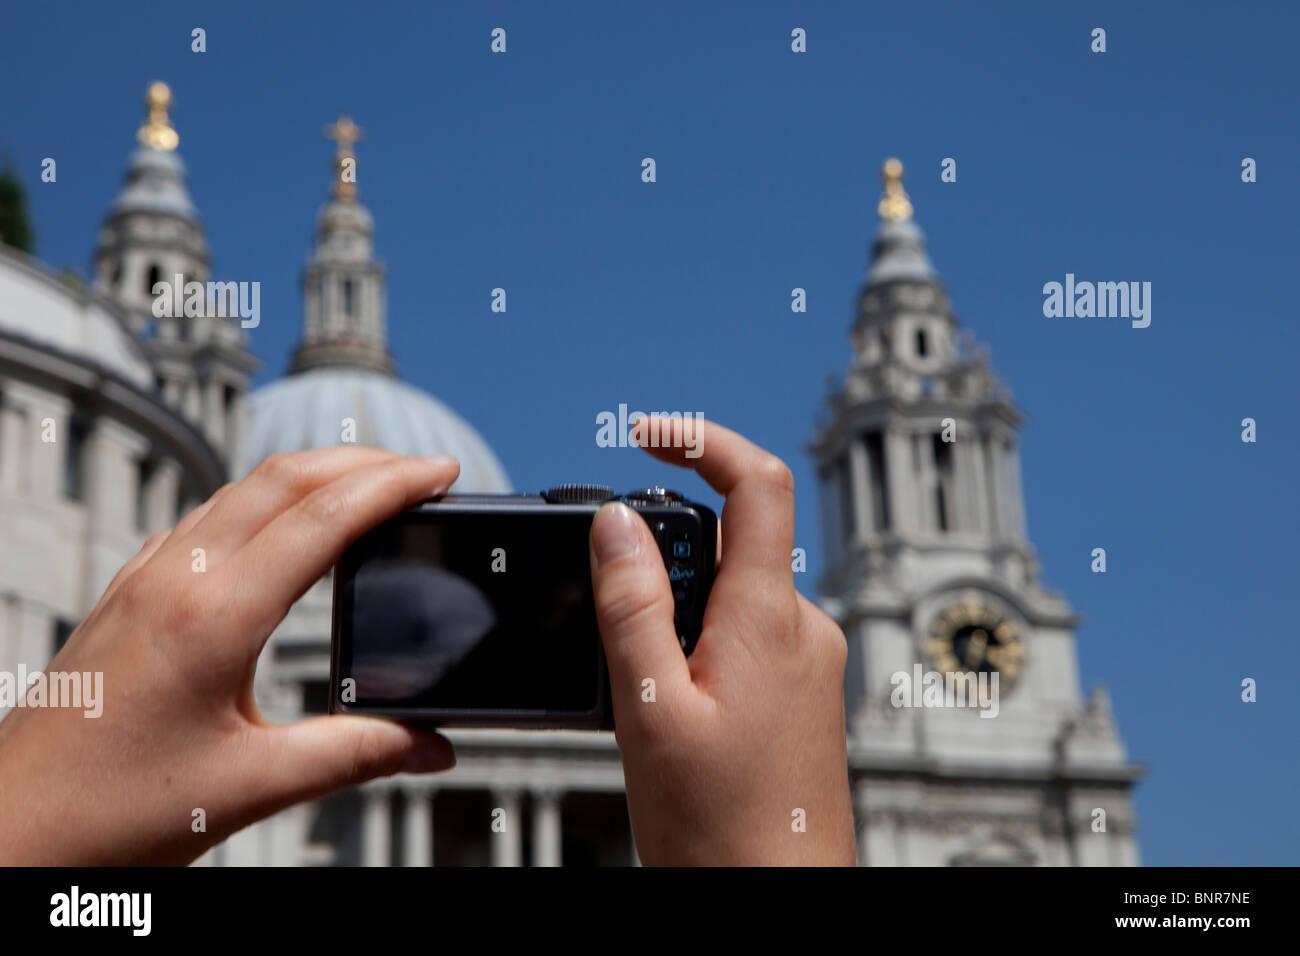 Compone la imagen turística de la Catedral de San Pablo, Londres, Inglaterra Foto de stock